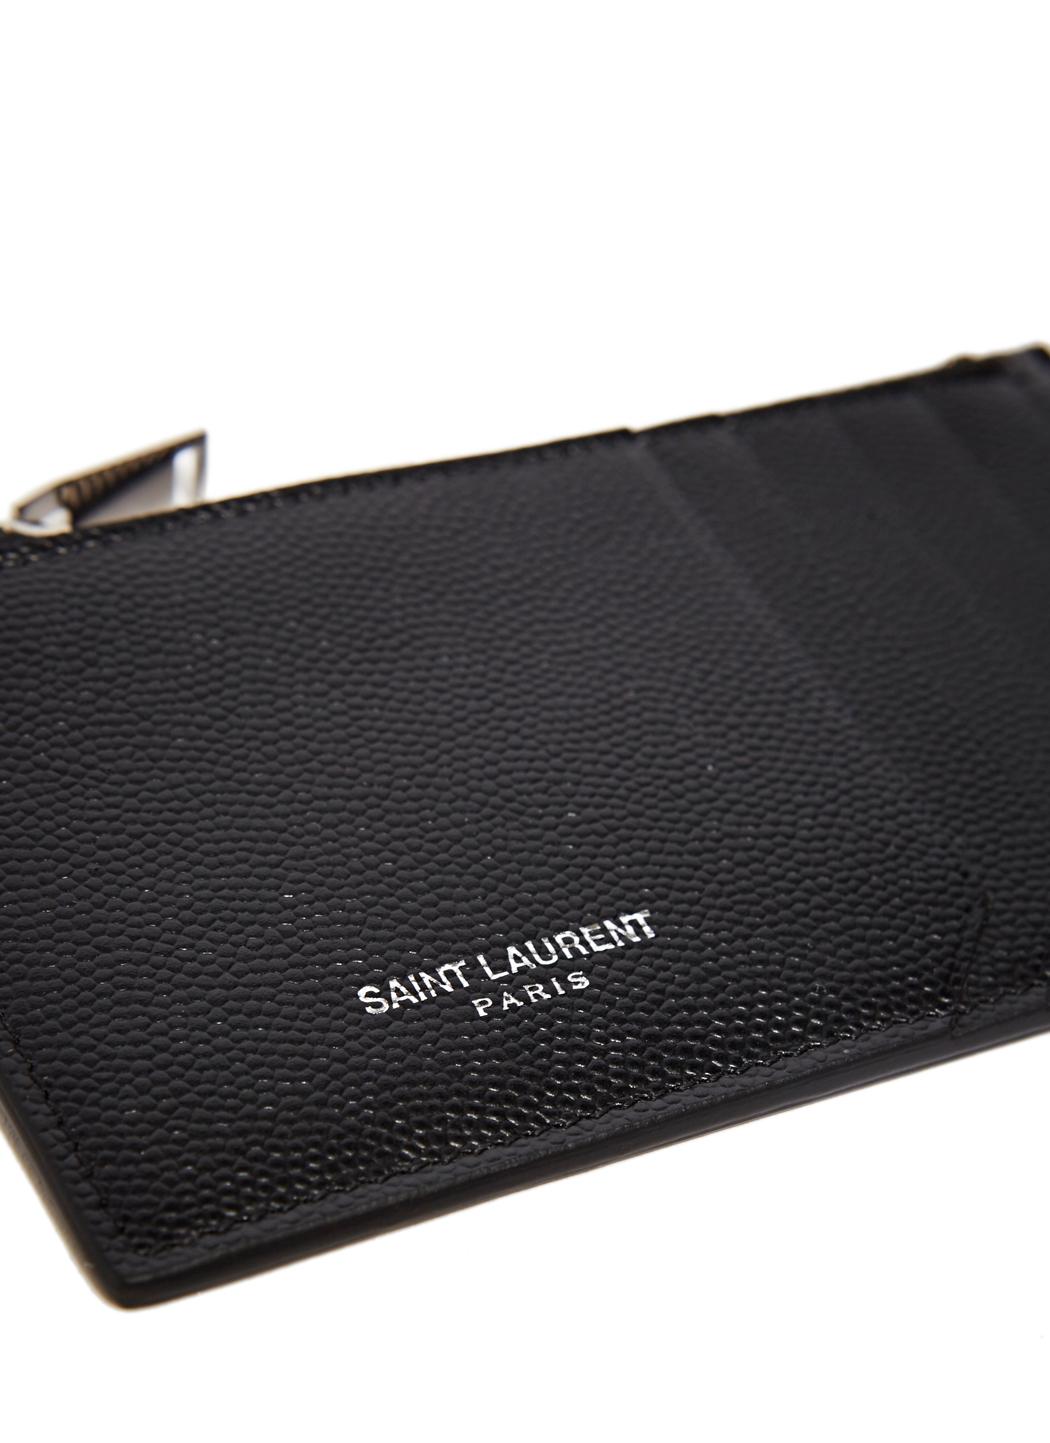 Fragments grained-leather cardholder Saint Laurent b3PMXtwcfW